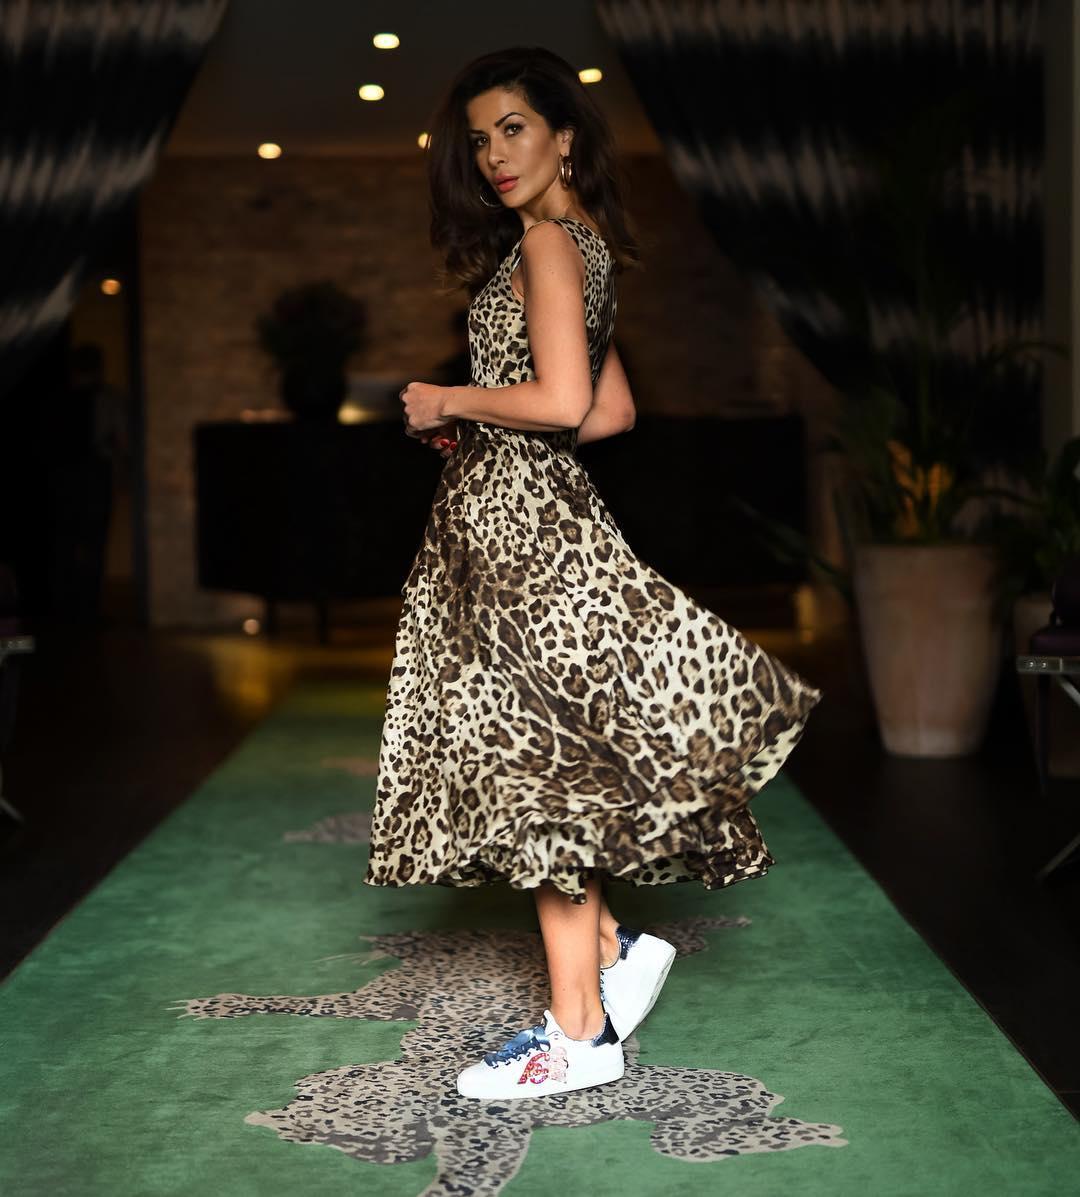 Платье с кроссовками фото_20